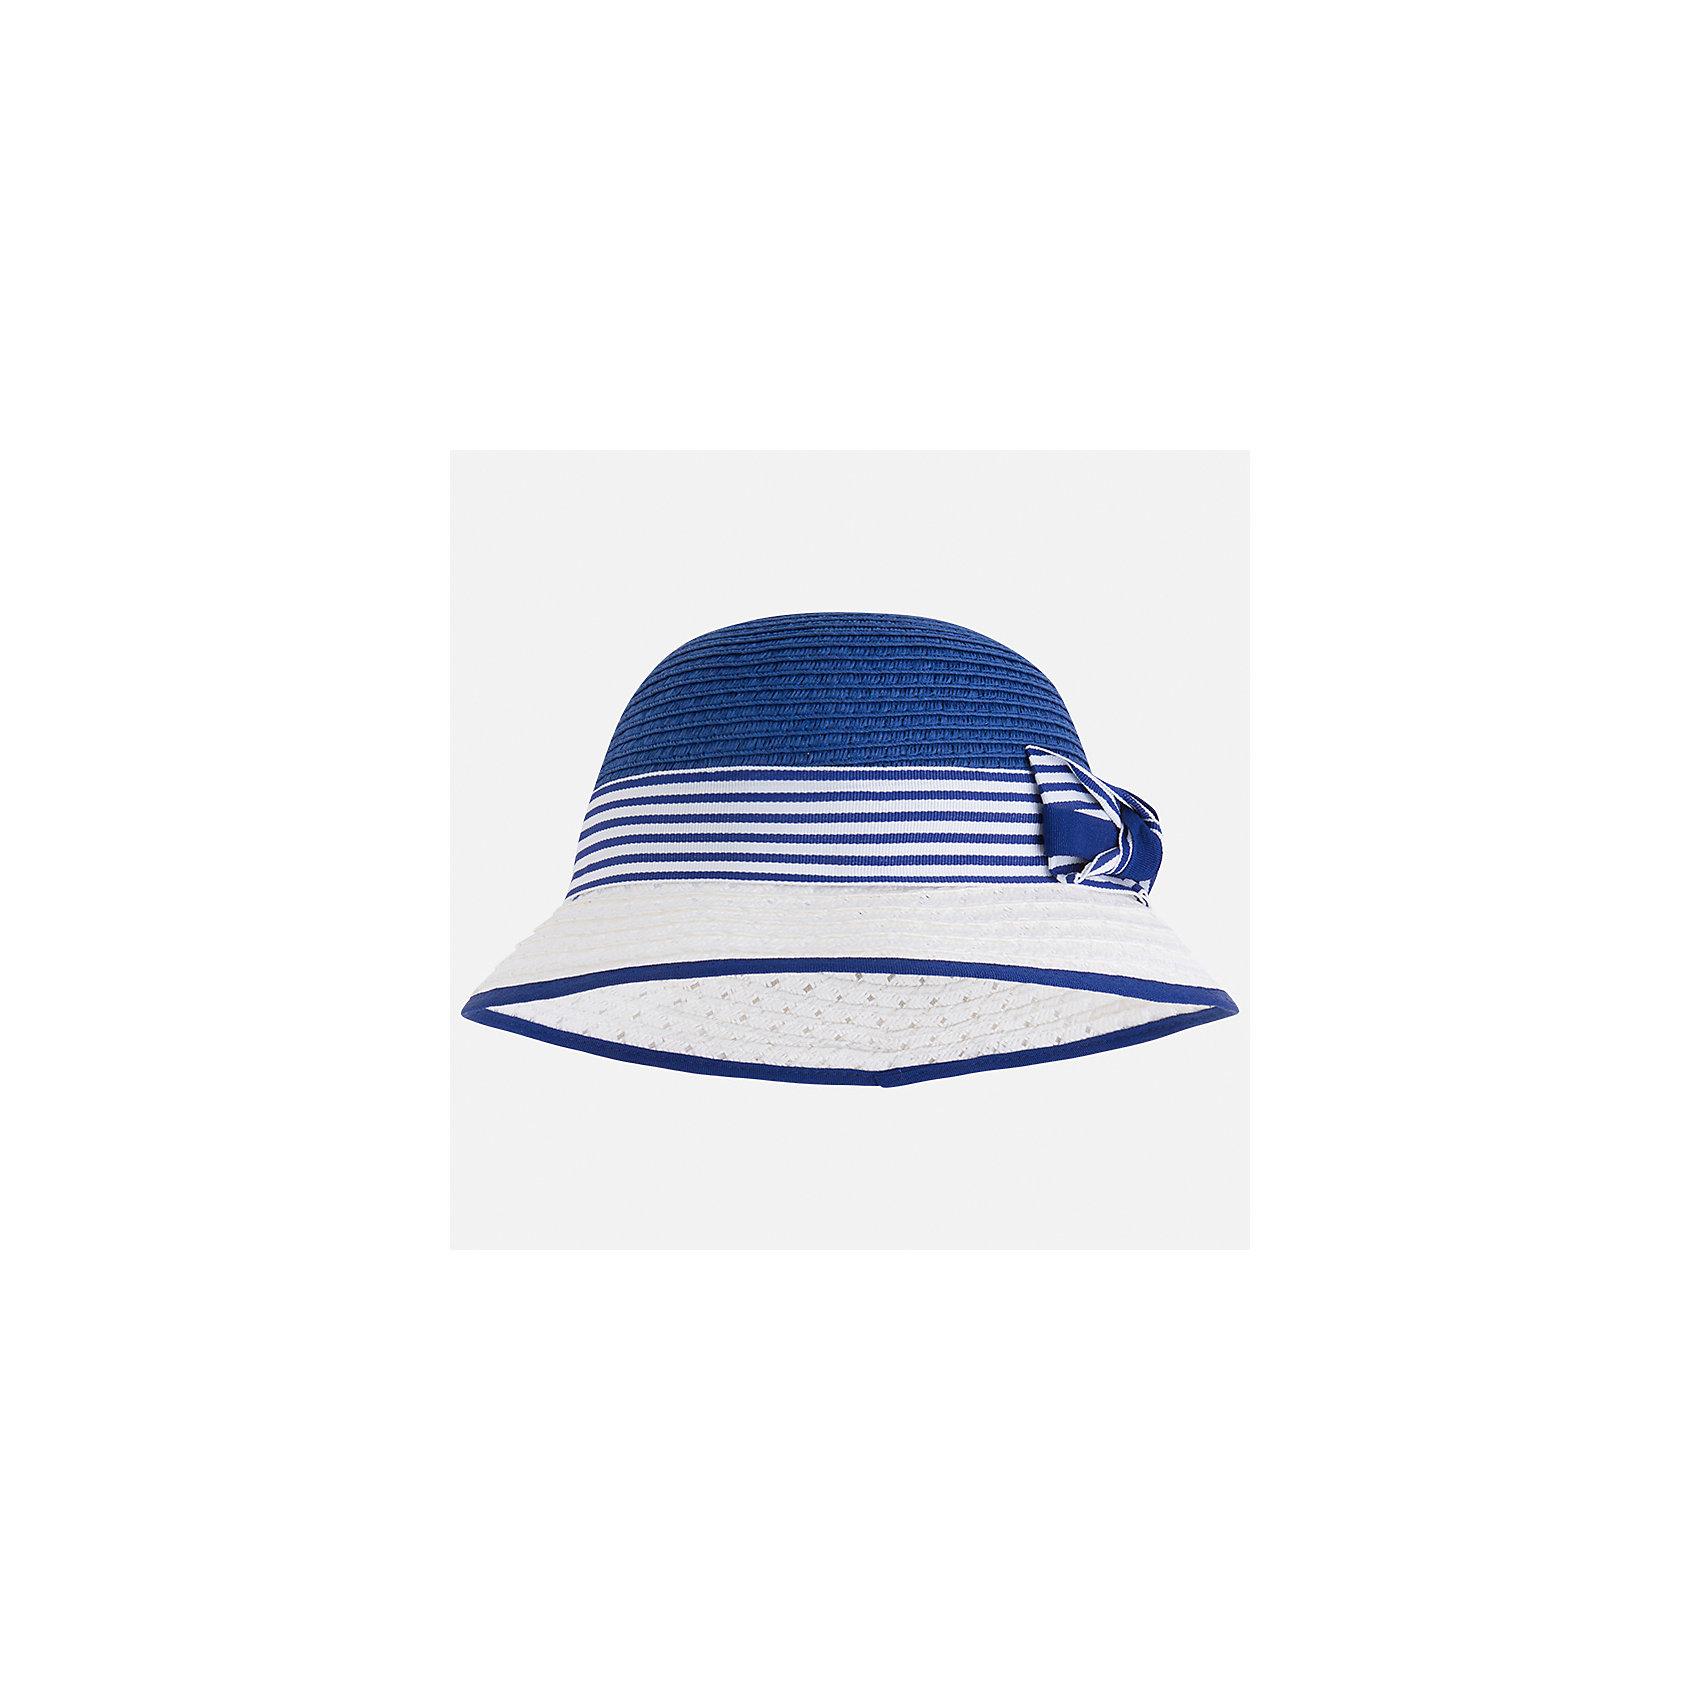 Шляпа для девочки MayoralГоловные уборы<br>Характеристики товара:<br><br>• цвет: синий/белый<br>• состав: 100% бумага<br>• контрастные цвета<br>• дышащая фактура<br>• декорирована бантом<br>• страна бренда: Испания<br><br>Красивая легкая шляпа для девочки поможет обеспечить ребенку защиту от солнца и дополнить наряд. Универсальный цвет позволяет надевать её под наряды различных расцветок. Шляпа удобно сидит и красиво смотрится. <br><br>Одежда, обувь и аксессуары от испанского бренда Mayoral полюбились детям и взрослым по всему миру. Модели этой марки - стильные и удобные. Для их производства используются только безопасные, качественные материалы и фурнитура. Порадуйте ребенка модными и красивыми вещами от Mayoral! <br><br>Шляпу для девочки от испанского бренда Mayoral (Майорал) можно купить в нашем интернет-магазине.<br><br>Ширина мм: 89<br>Глубина мм: 117<br>Высота мм: 44<br>Вес г: 155<br>Цвет: синий<br>Возраст от месяцев: 72<br>Возраст до месяцев: 84<br>Пол: Женский<br>Возраст: Детский<br>Размер: 54,50,52<br>SKU: 5293531